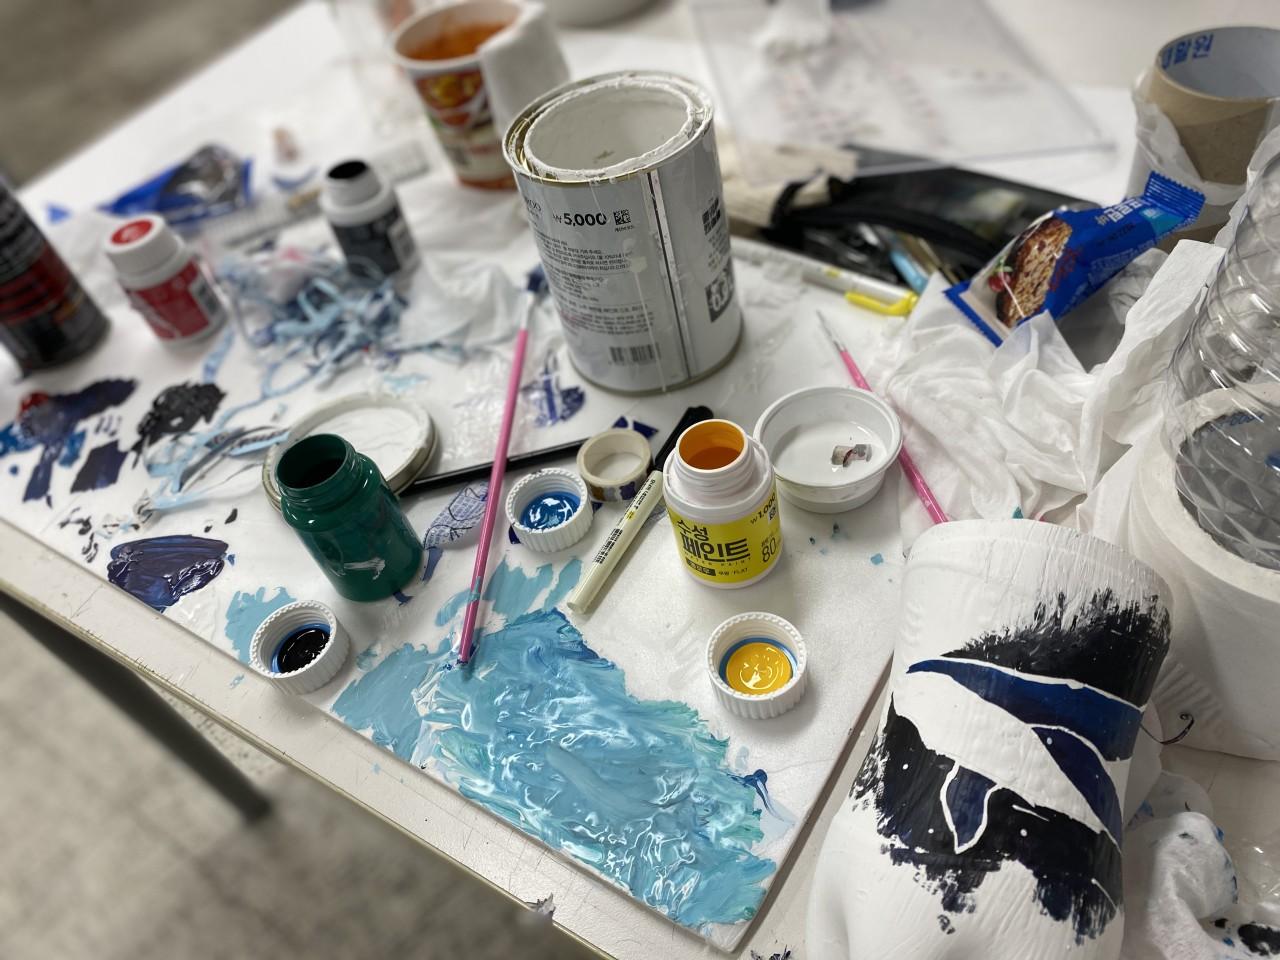 리사이클링 화분 제작을 위해 페인트 등의 미술도구로 작업을 진행하고 있는 작업 환경의 모습